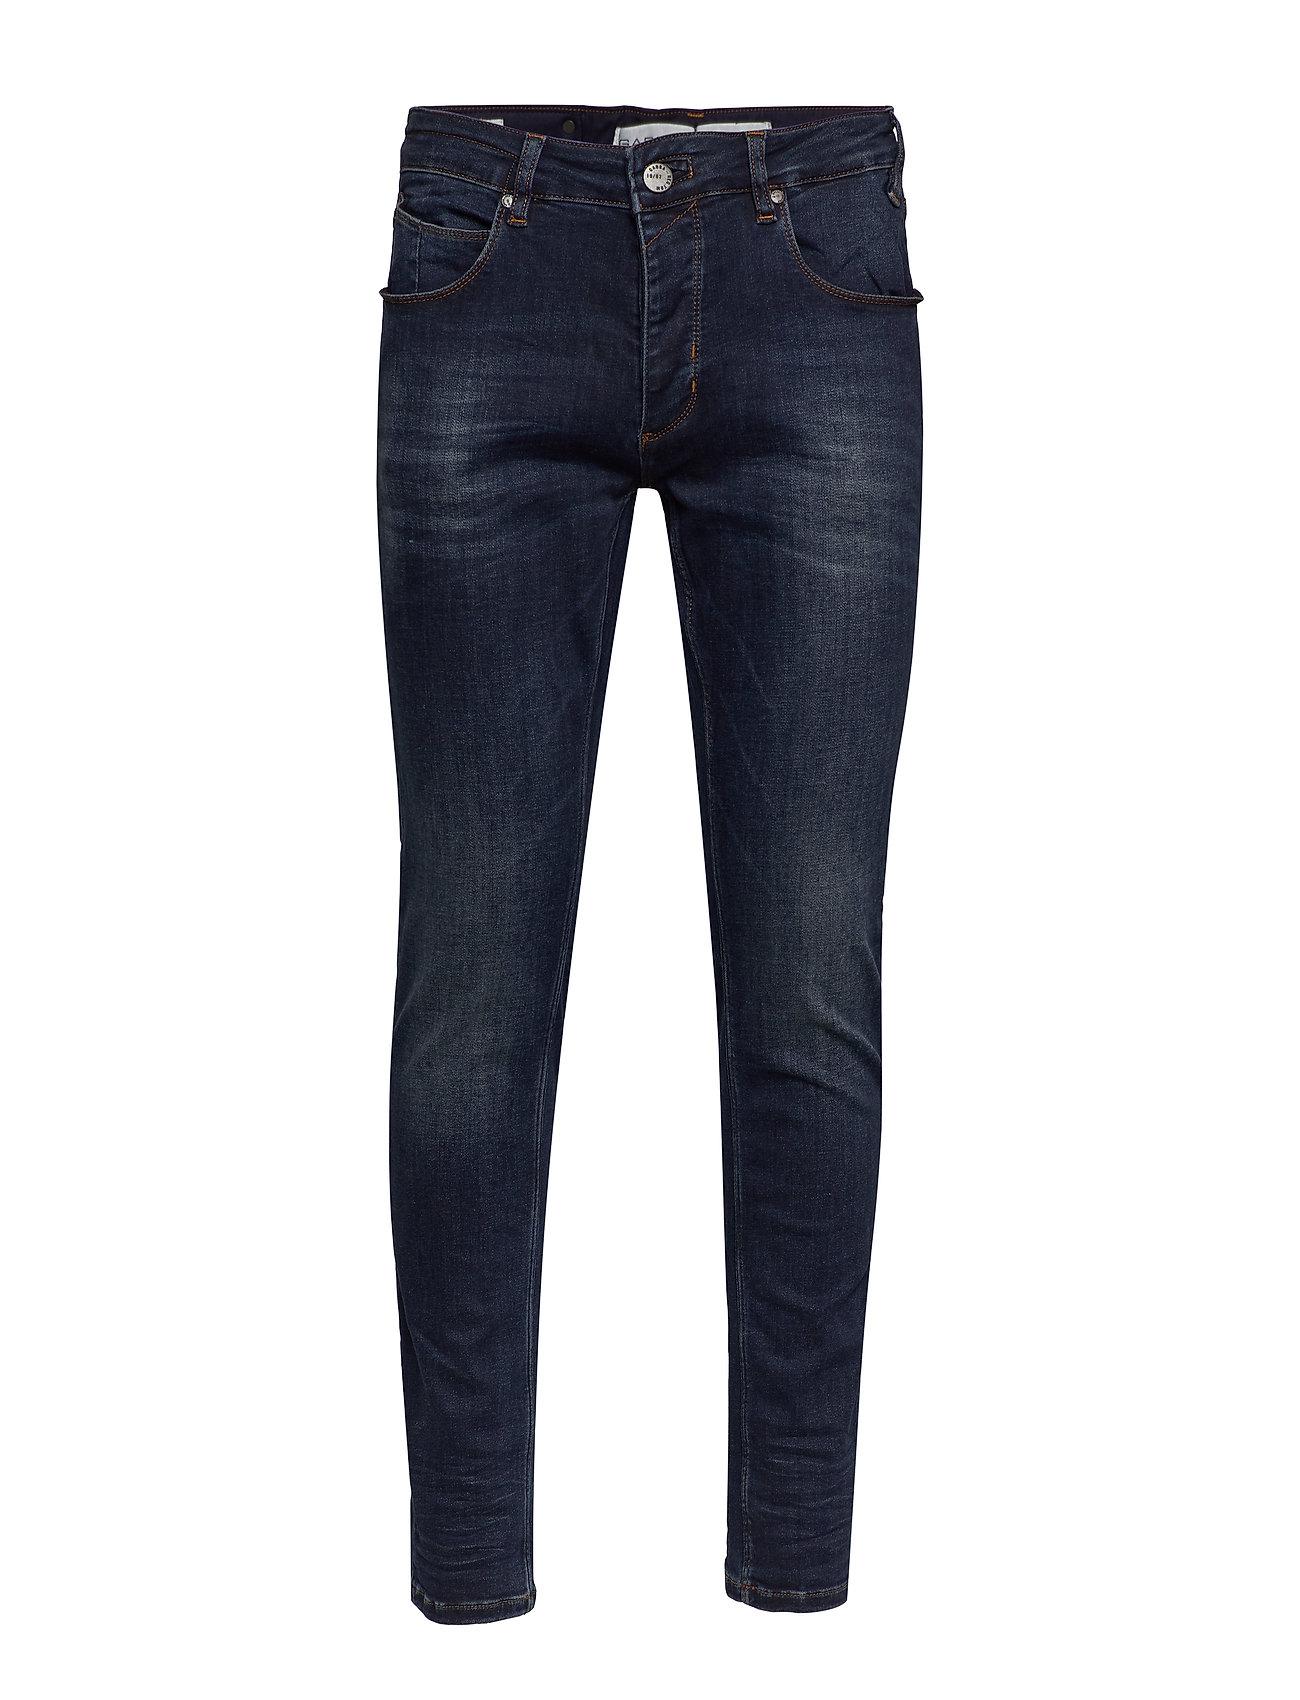 Image of Rey K3606 Mid Blue Jeans Slim Jeans Blå Gabba (3295963135)